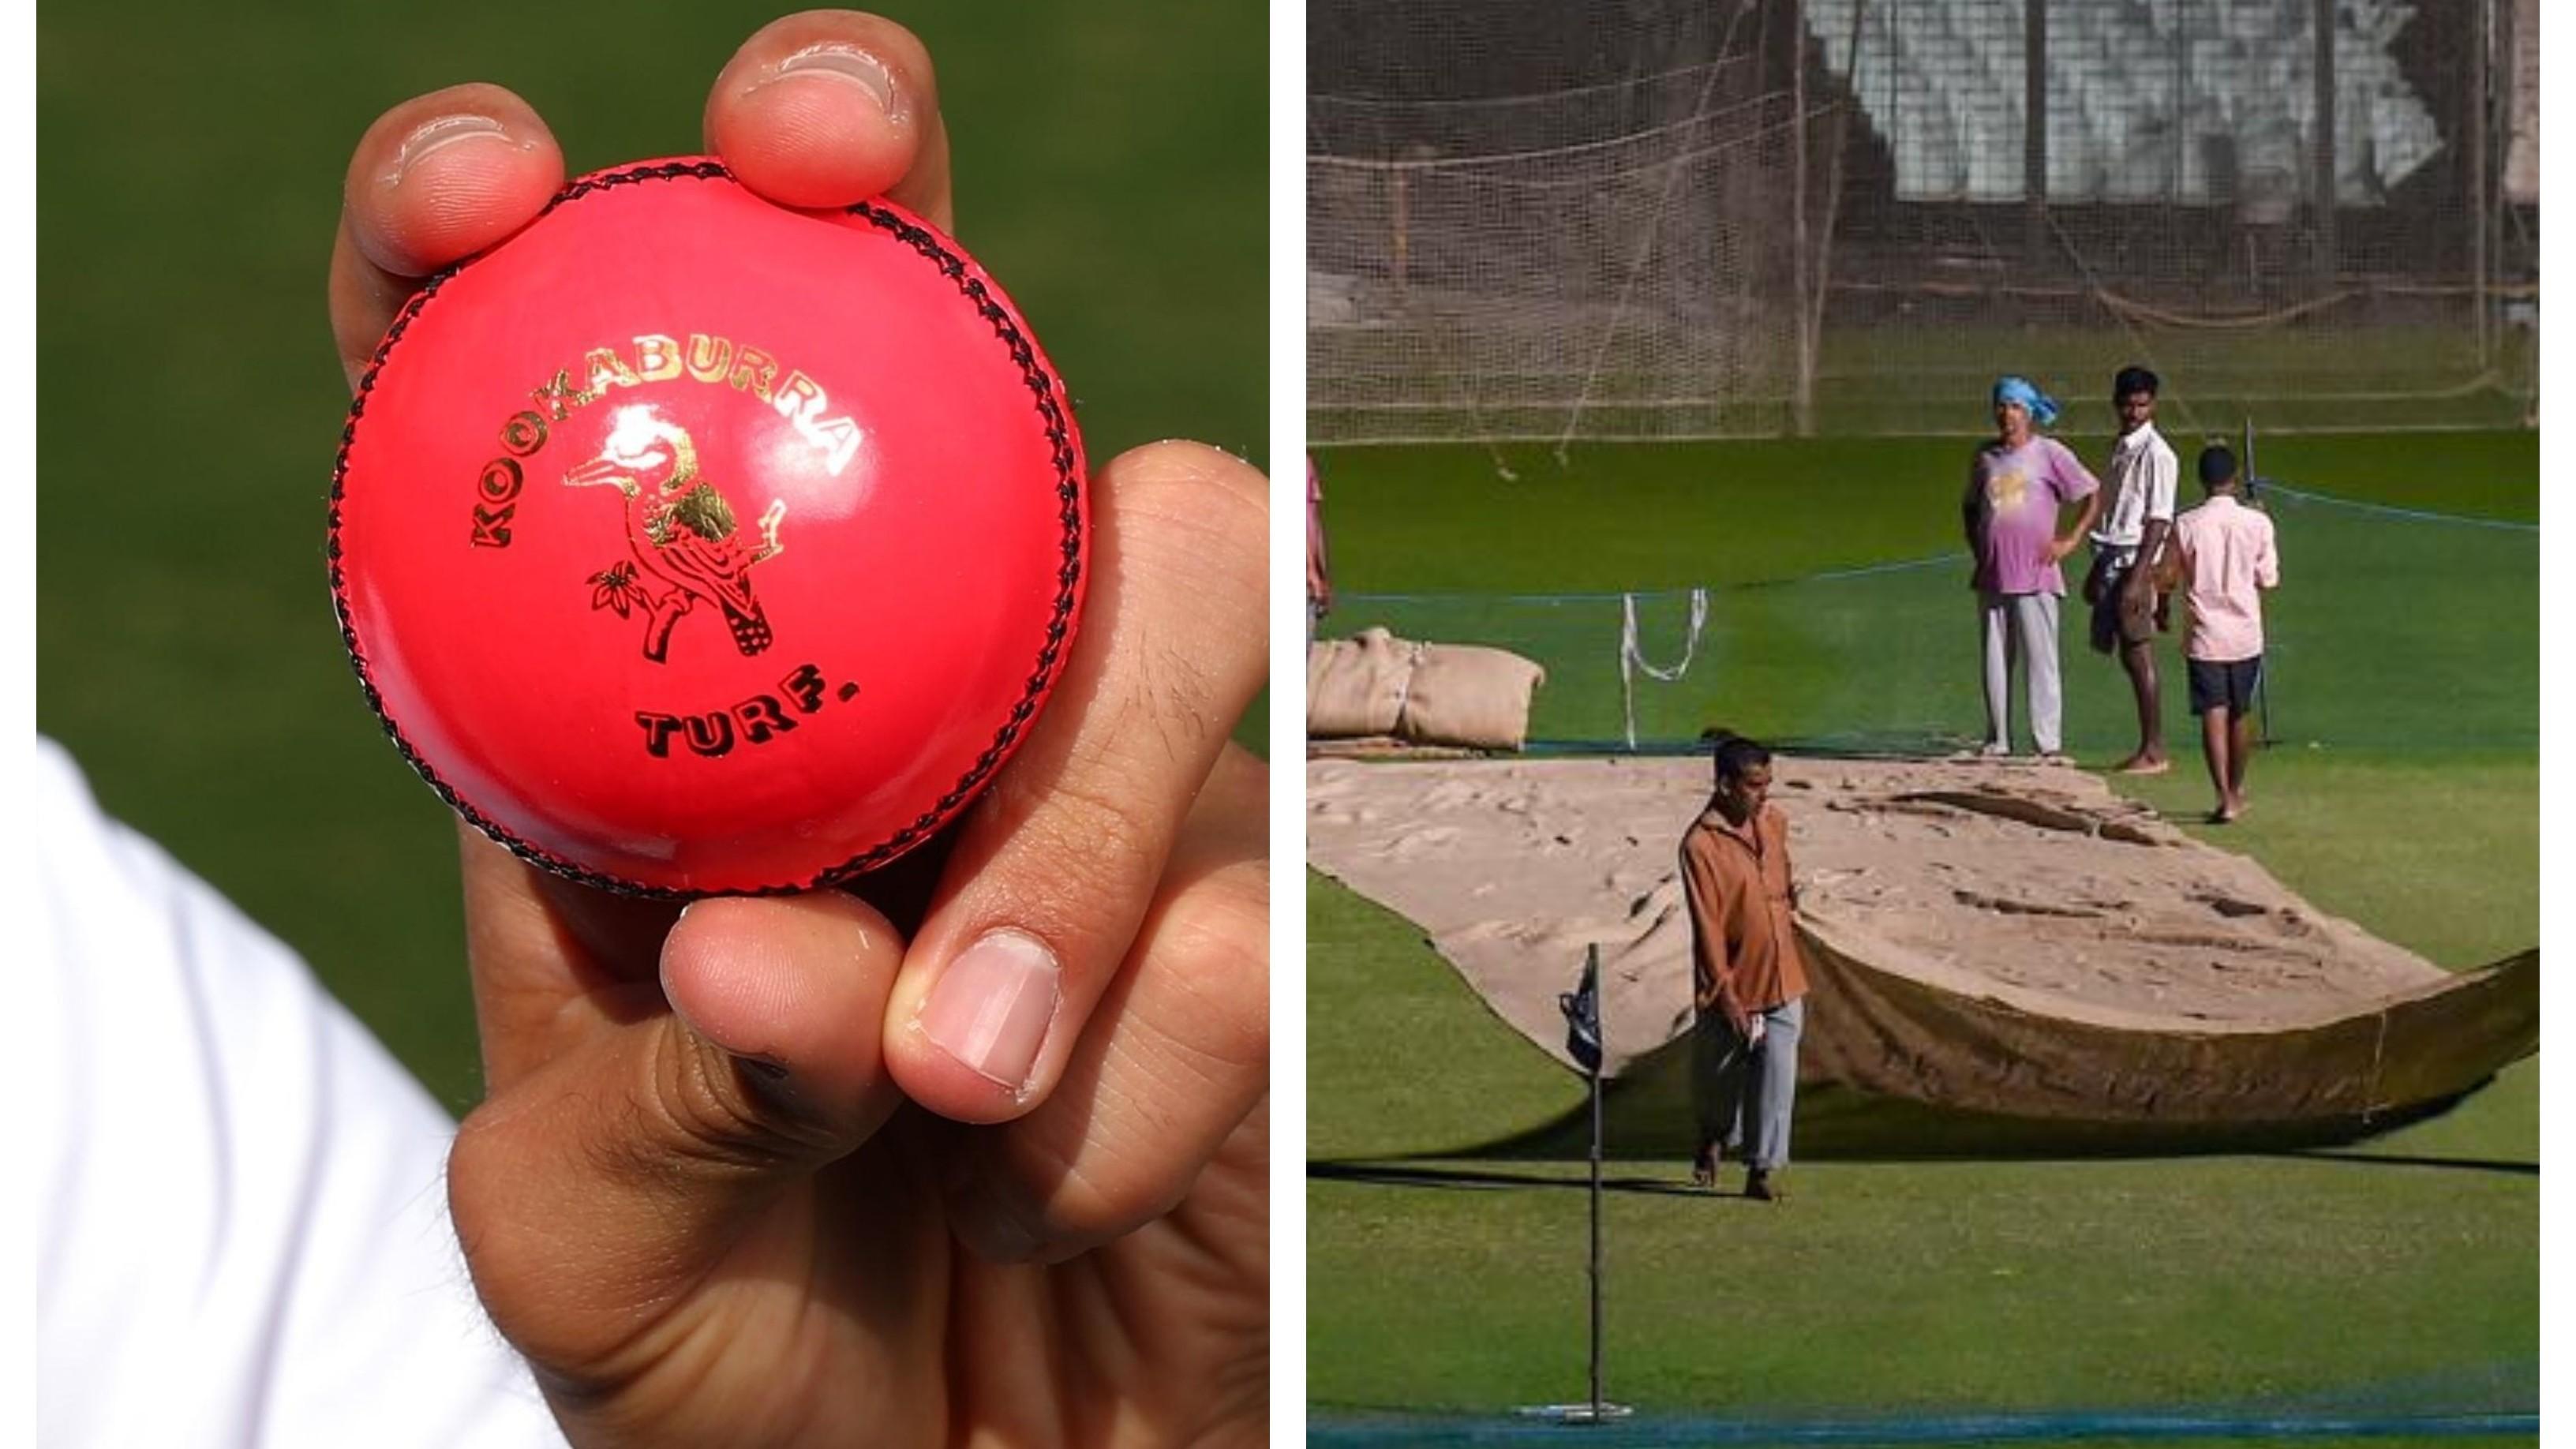 IND v BAN 2019: पिच क्यूरेटर के अनुसार गुलाबी गेंद के साथ अच्छा प्रदर्शन करेगी ईडन की पिच